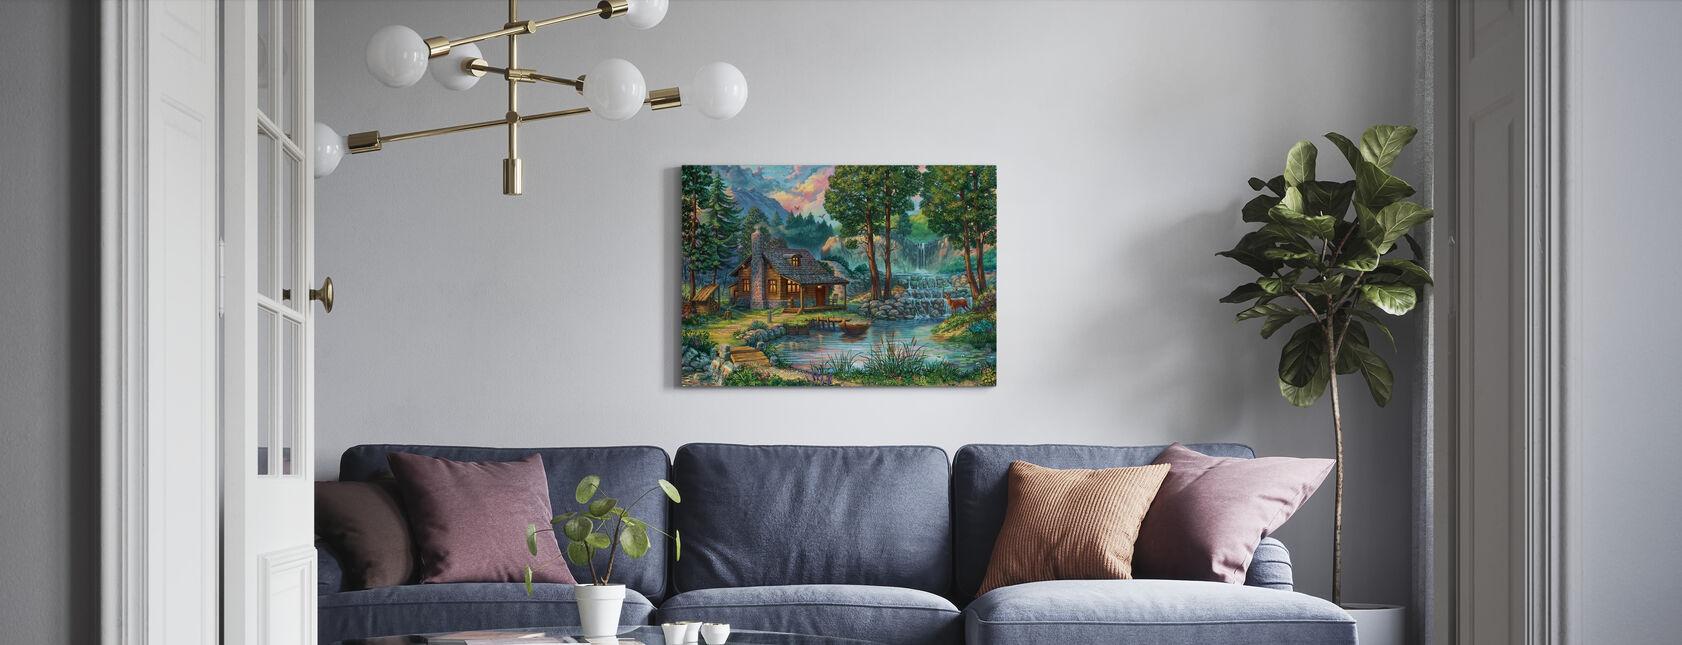 Casa di campagna sul lago - Stampa su tela - Salotto